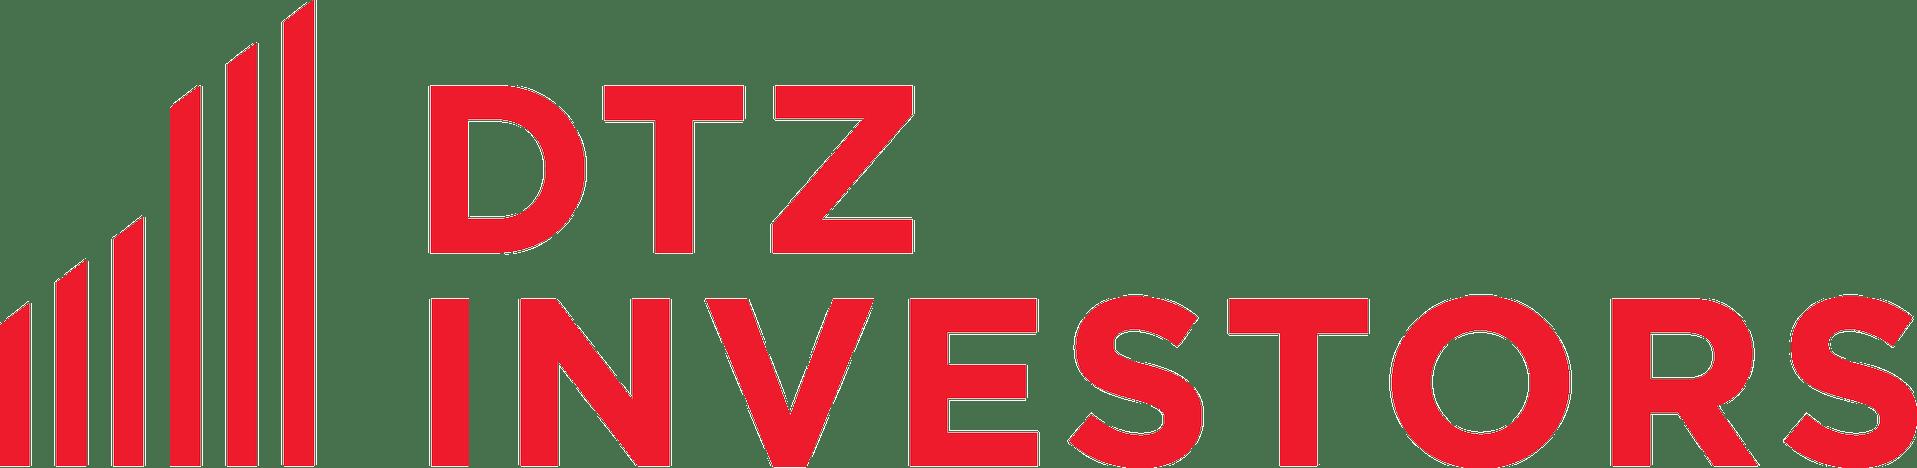 dtz-investors cw